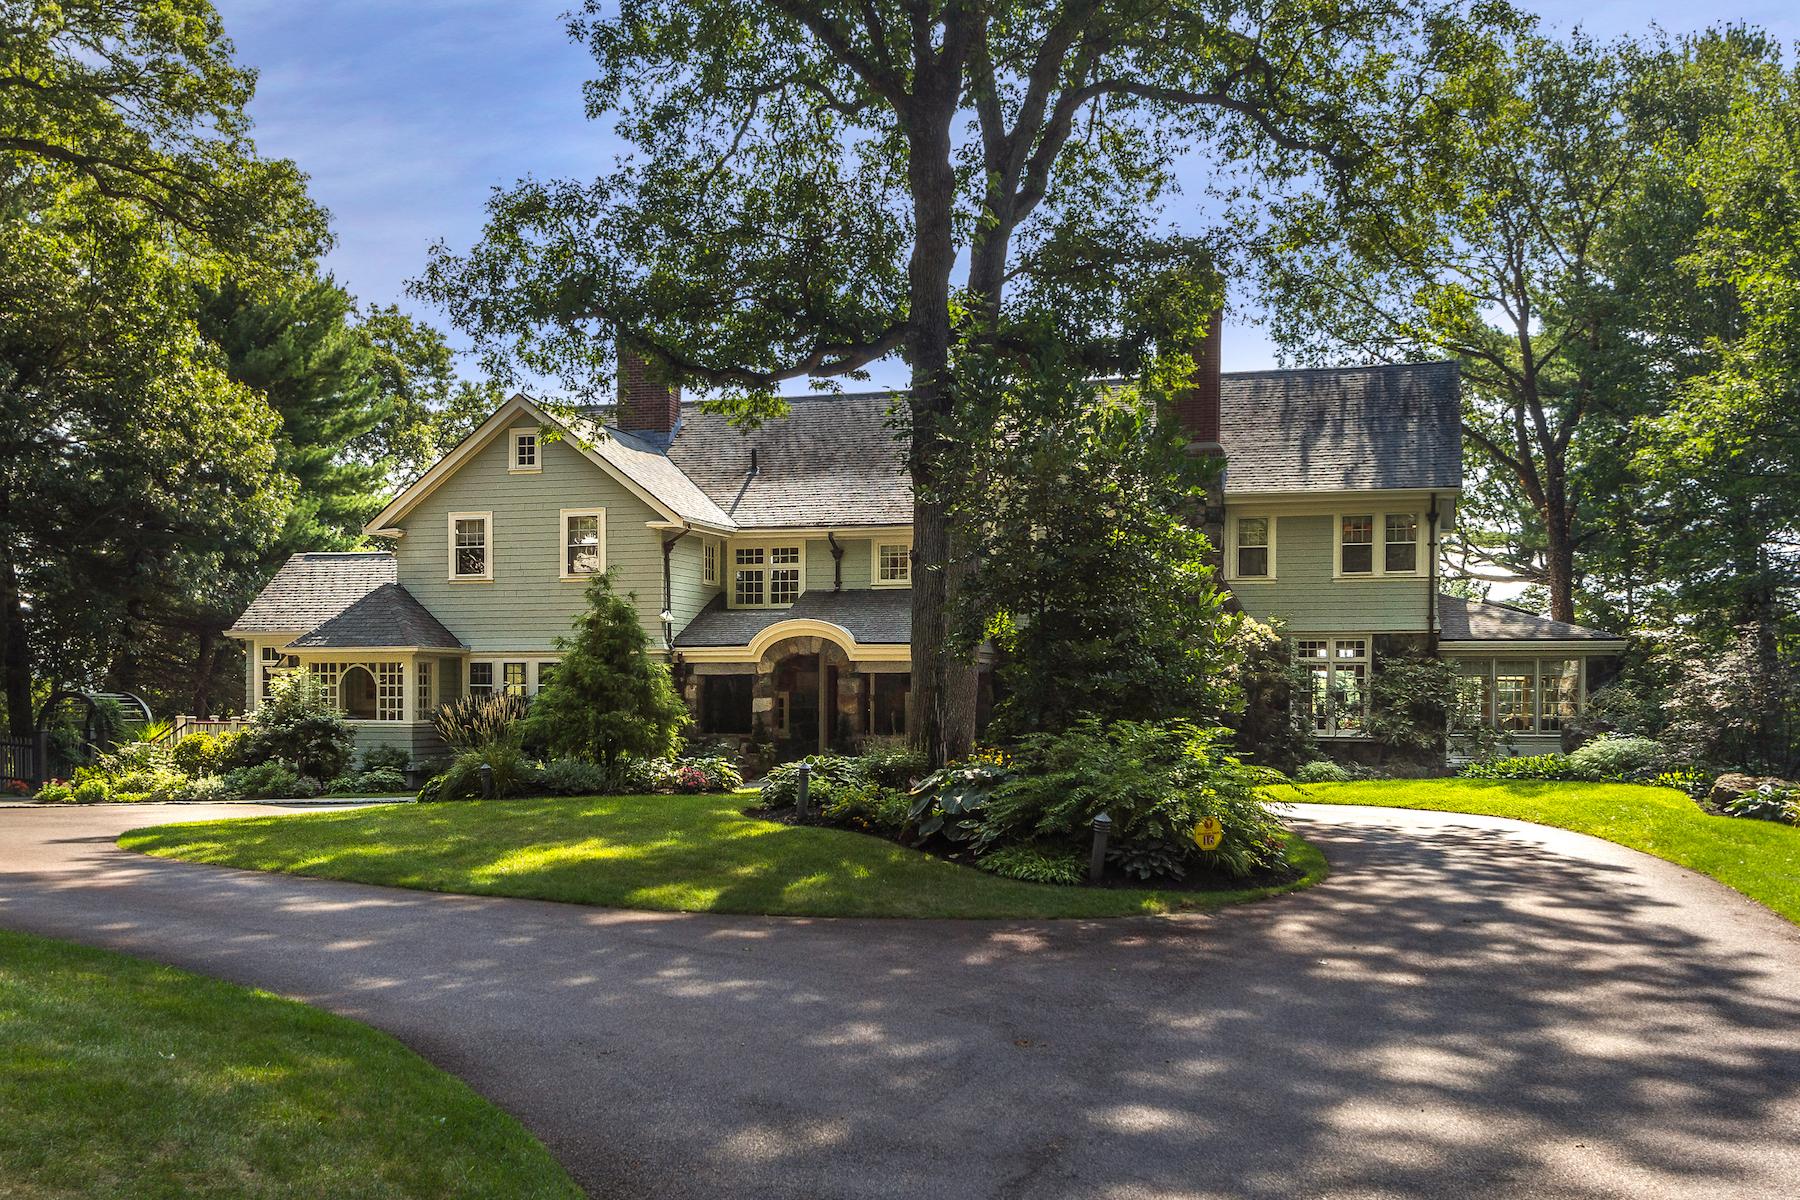 Частный односемейный дом для того Продажа на Exceptional Historic Arts & Crafts Home with Carriage House 16 Mccall Rd Winchester, Массачусетс, 01890 Соединенные Штаты